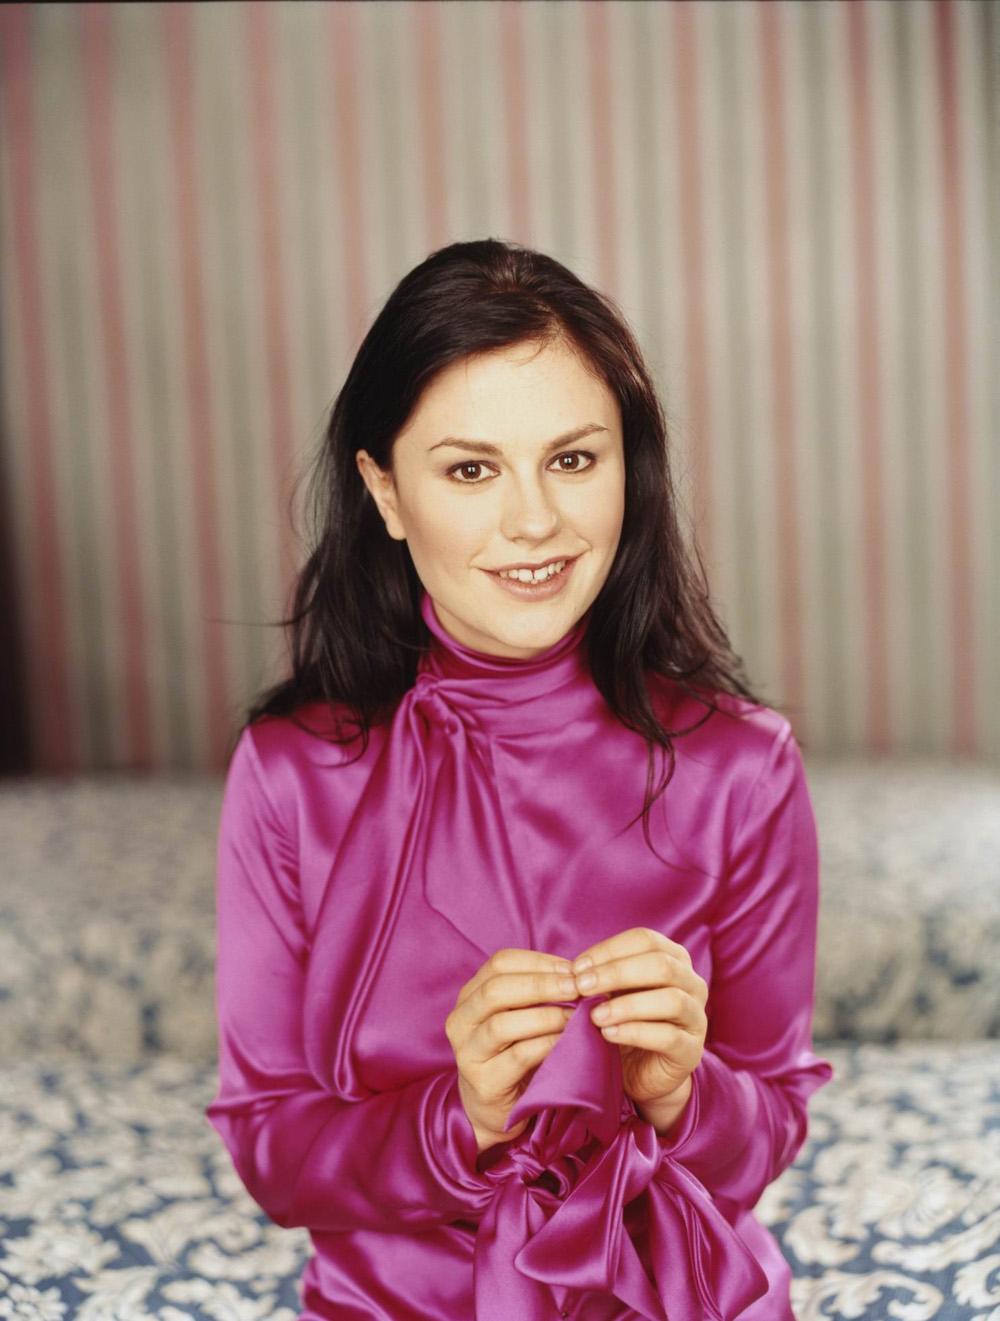 Анна Пакуин (Anna Paquin)